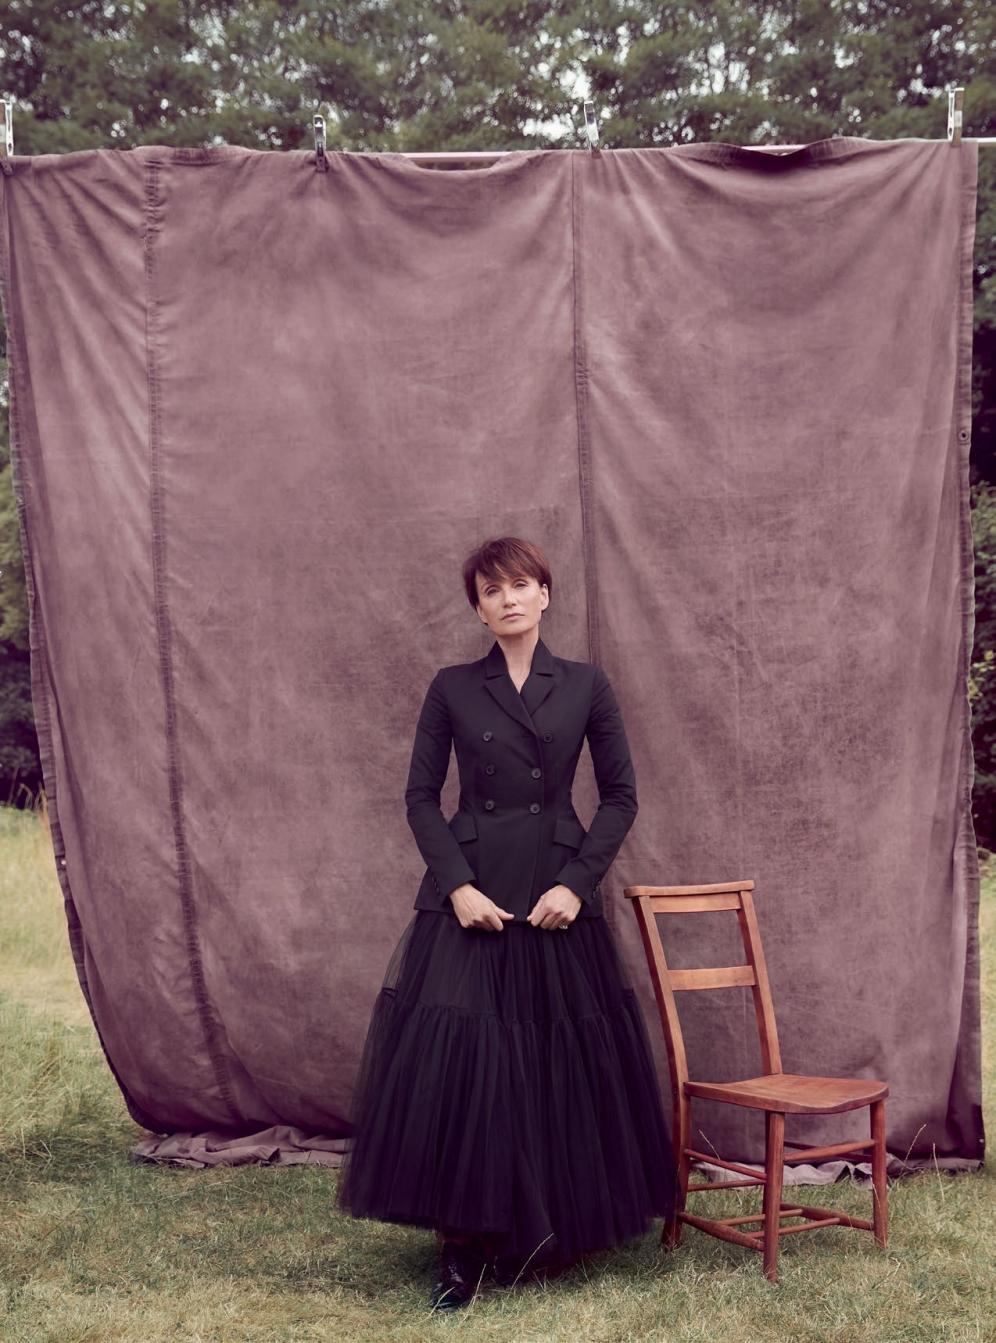 Harper's Bazaar | Kristin Scott Thomas